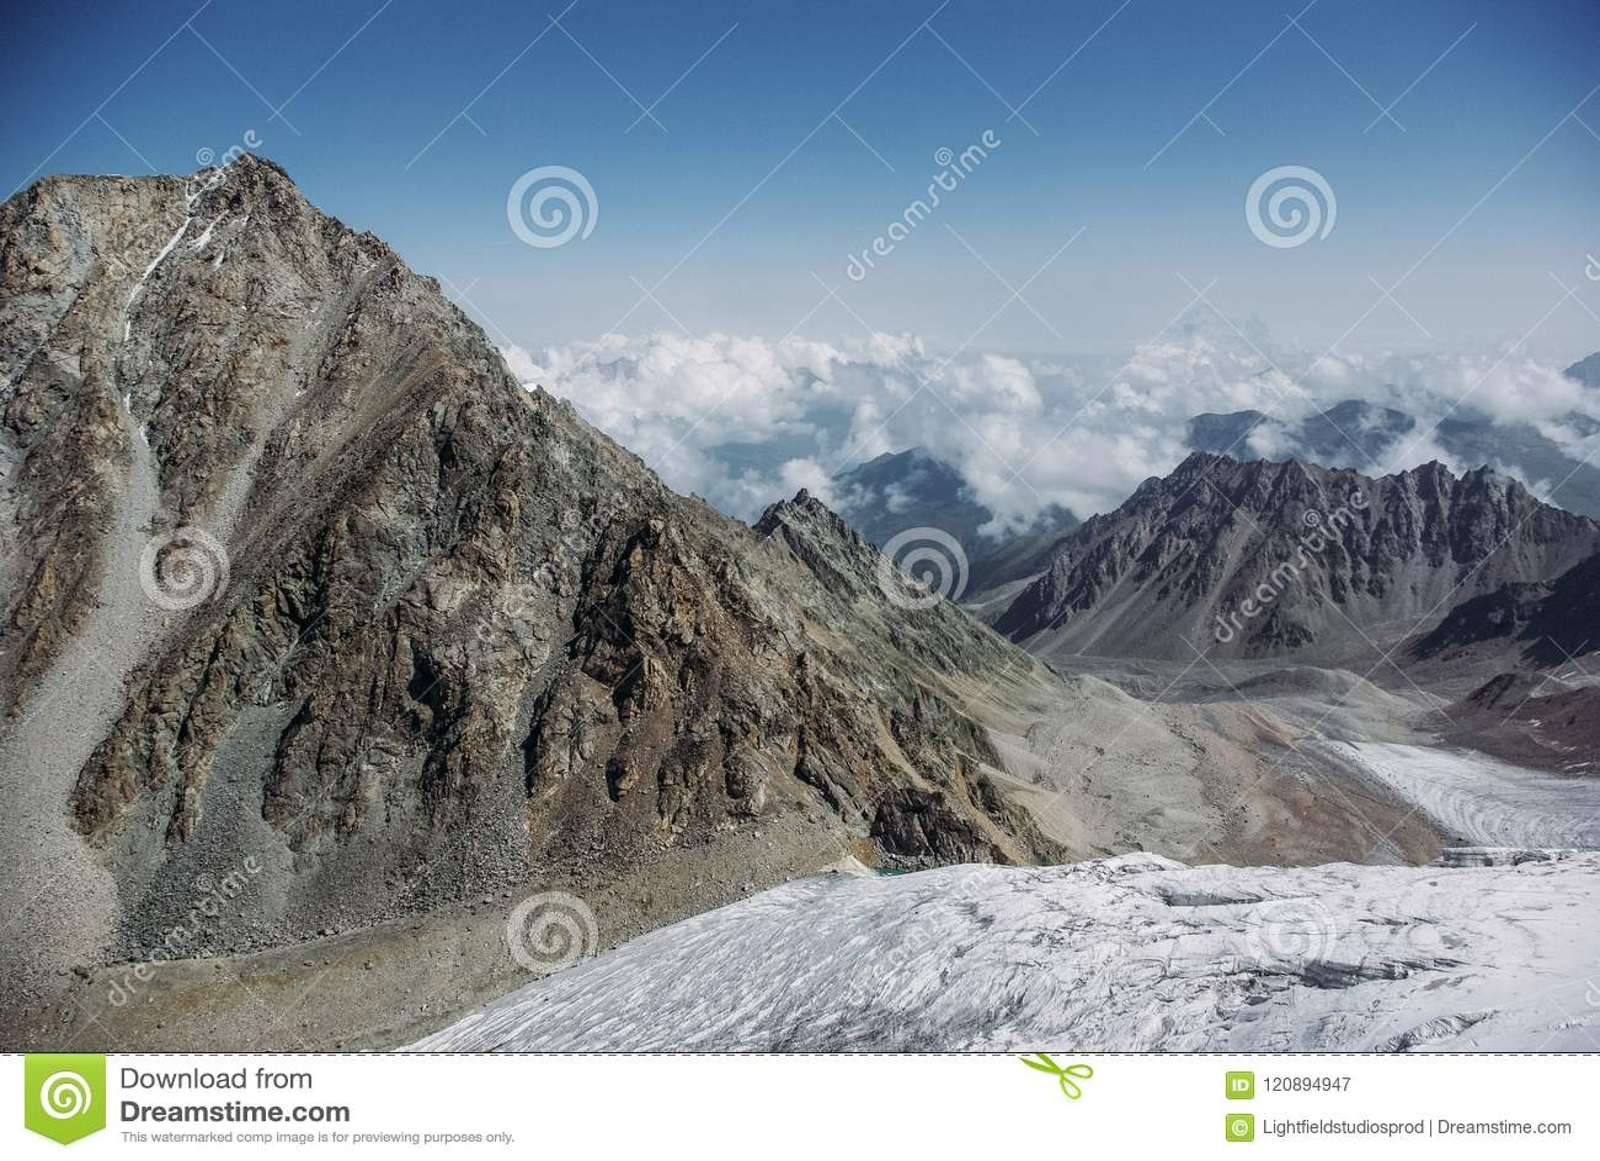 Verbazende mening van bergenlandschap met sneeuw, Russische Federatie, de Kaukasus,